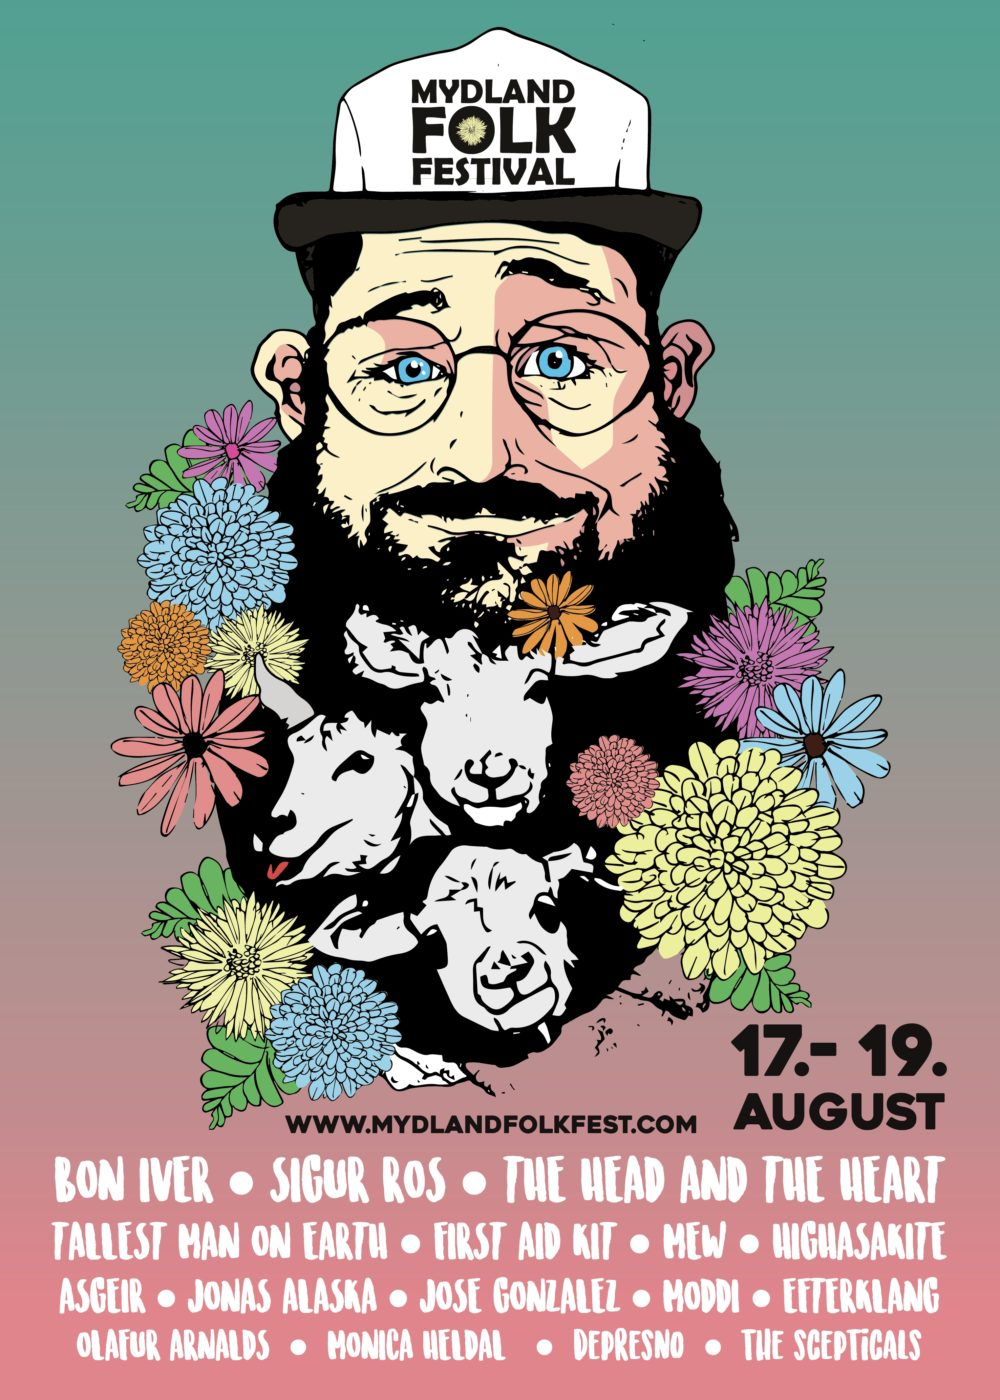 Frank Christian Brambo med Plakat og identitet for Mydland Folk Festival (skoleoppgave)